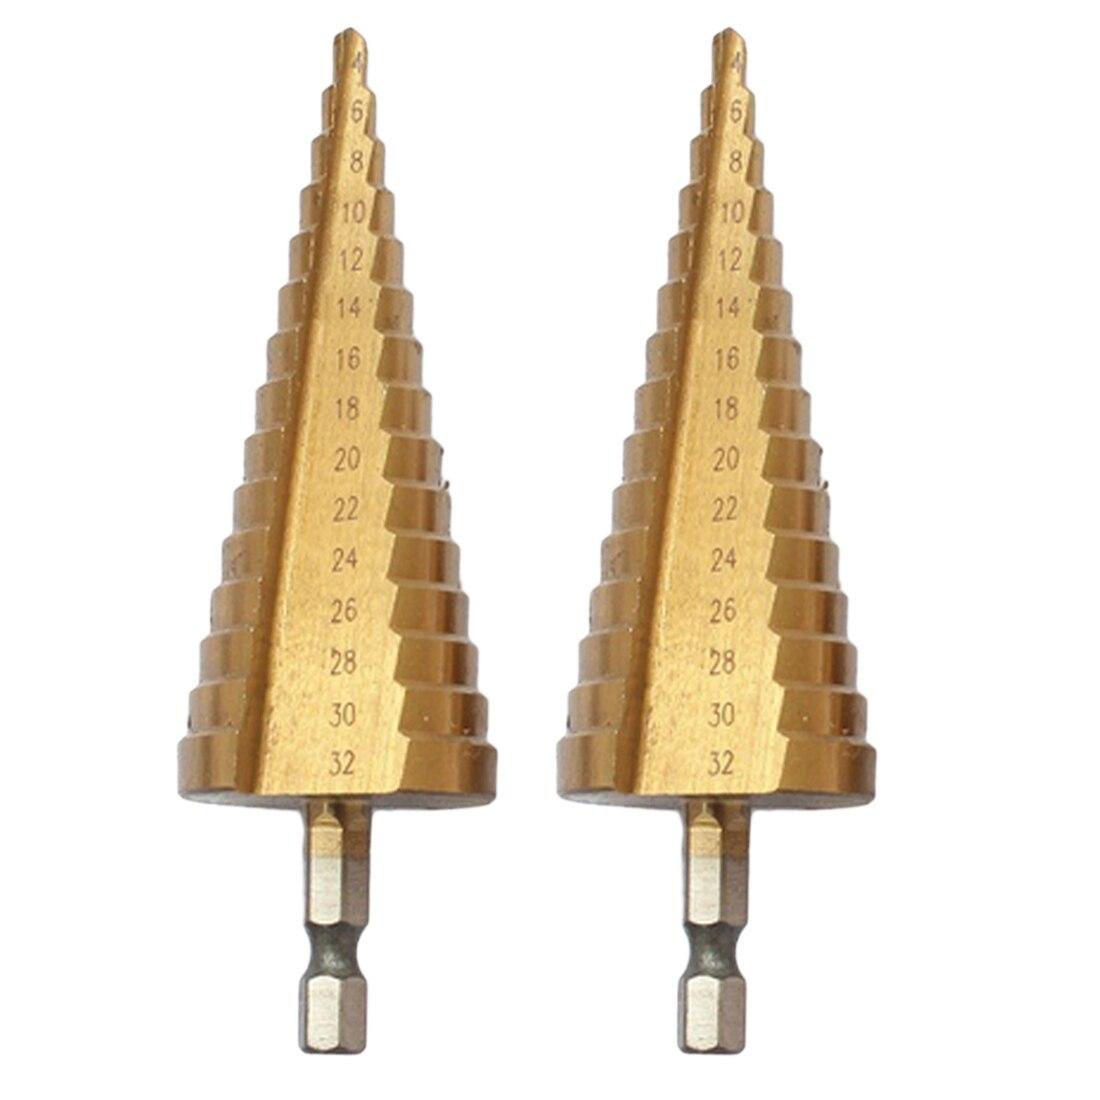 Die Pagode Form HSS Dreieck Schaft Pagode Metall Stahl Schritt Bohrer 4-32mm Loch Bohrer Kegel Bohrer senker Bit Set Titanium